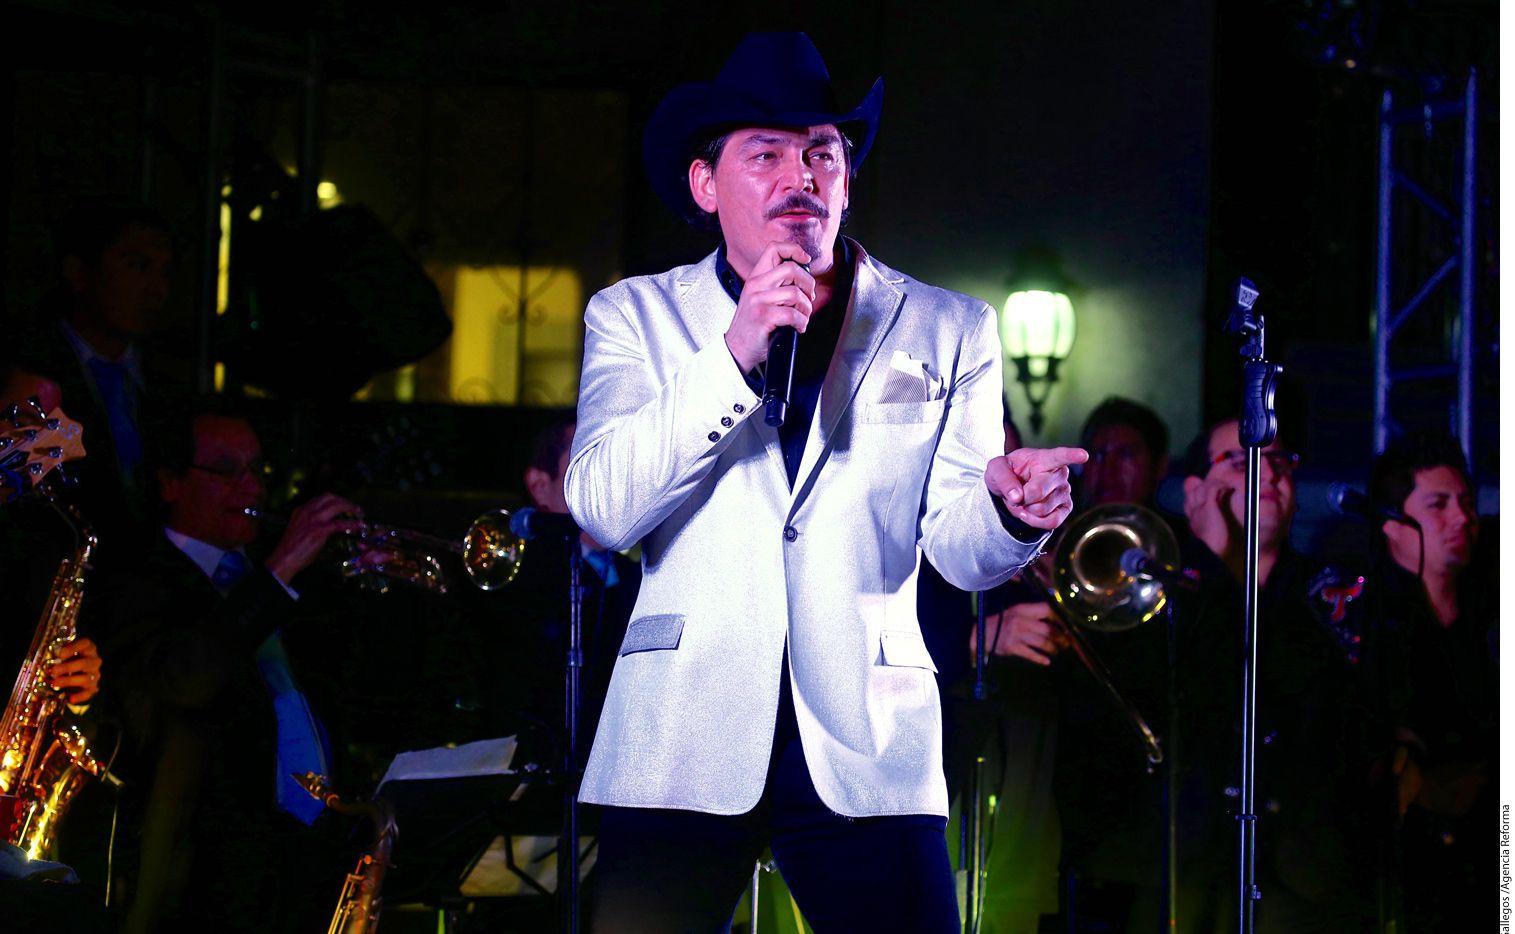 El cantante José Manuel Figueroa no niega que le ha afectado bastante la nueva polémica en la que han involucrado a su ya fallecido padre. / AGENCIA REFORMA